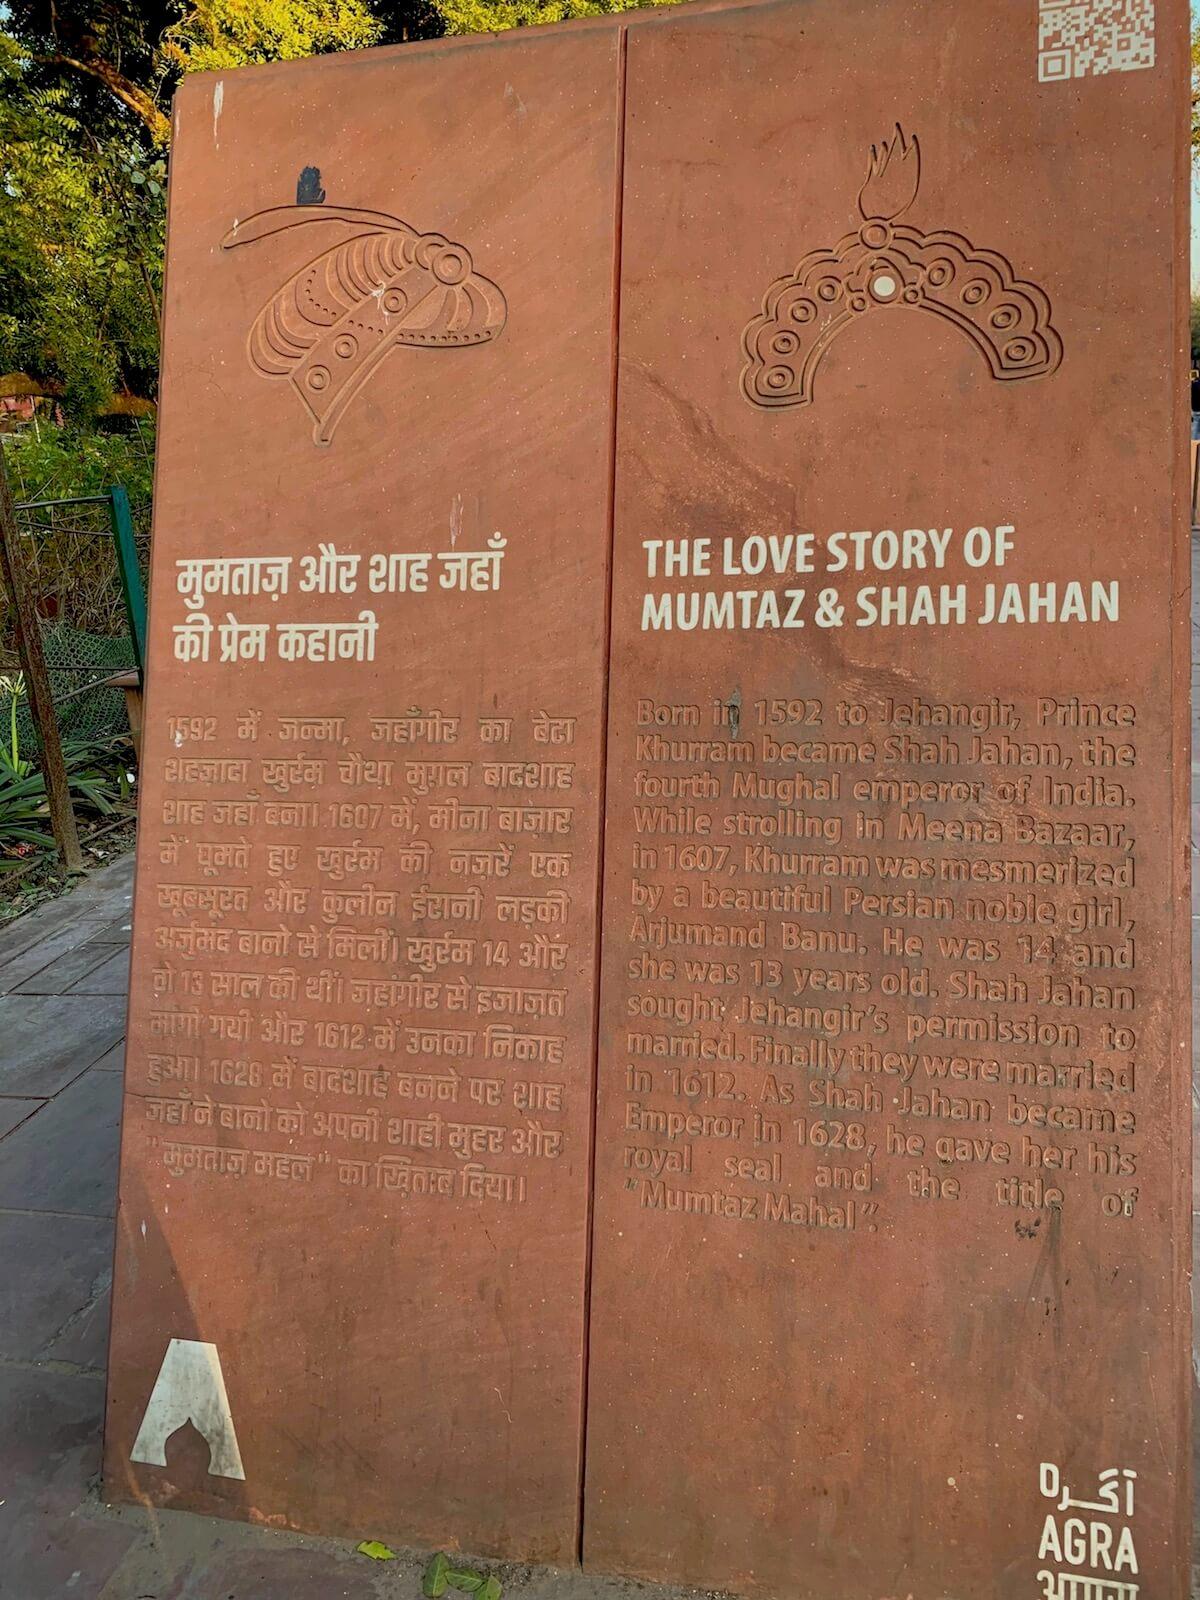 The love story of Mumtaz & Shah Jahan